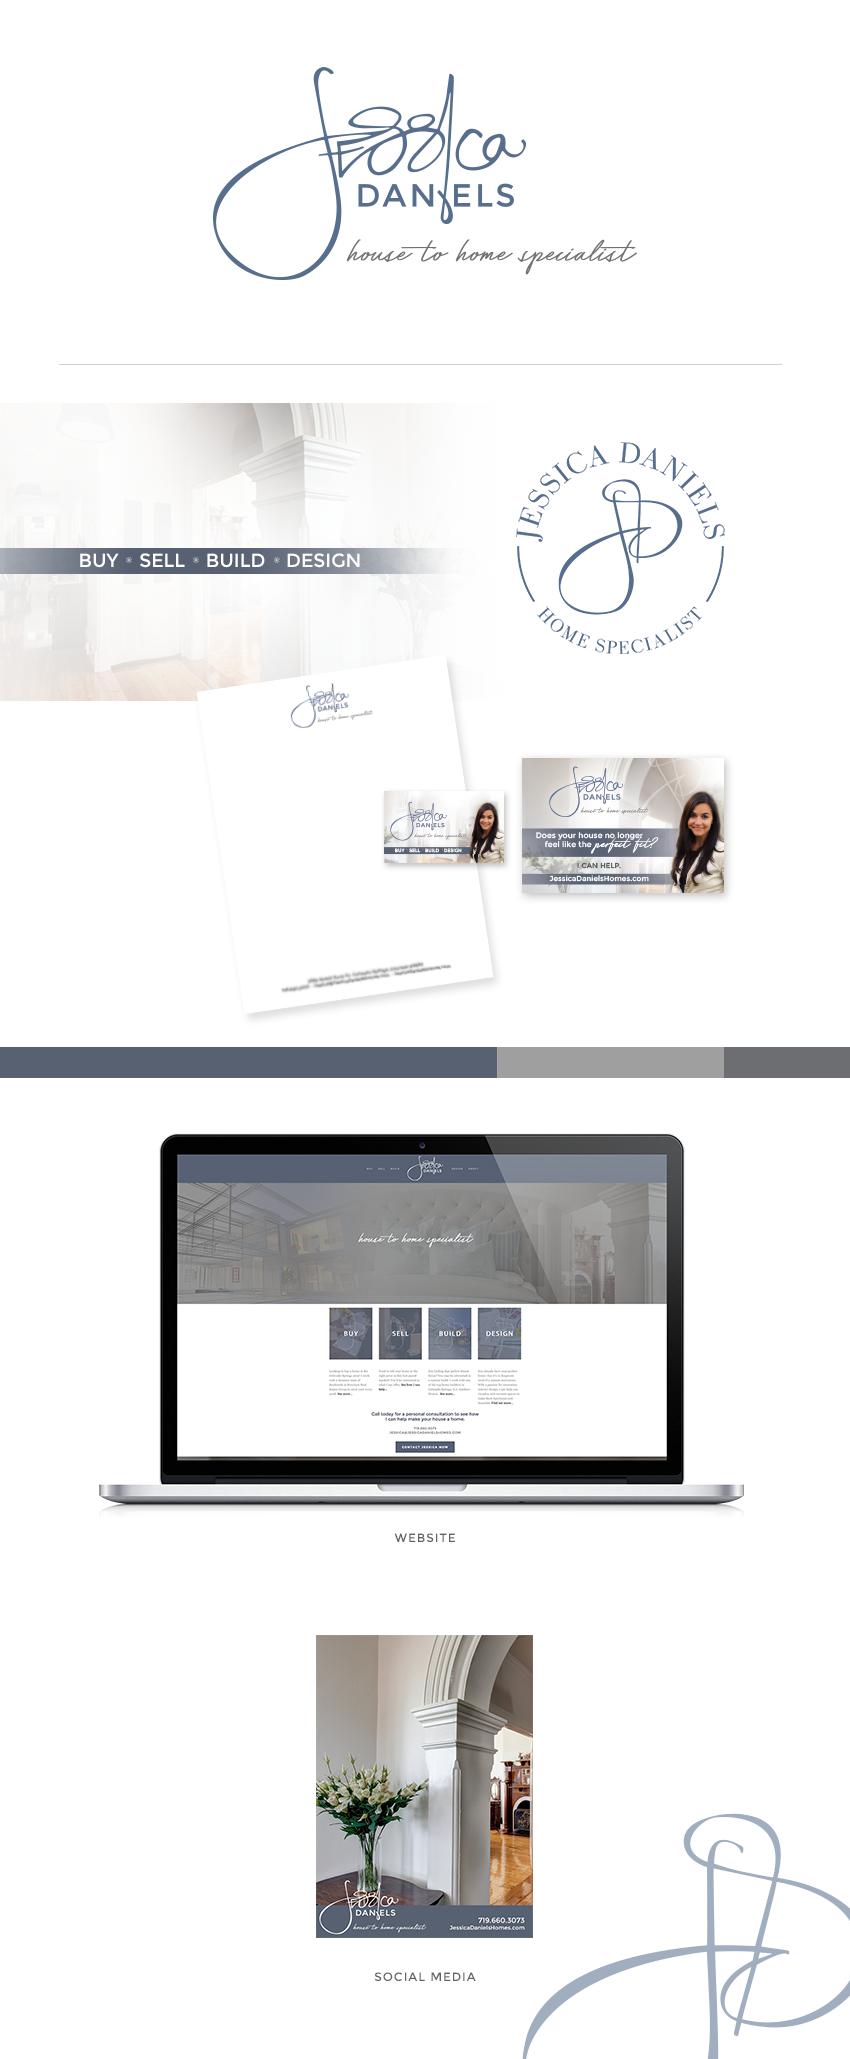 Jessica Daniels, Realtor, brand design in Colorado Springs, CO